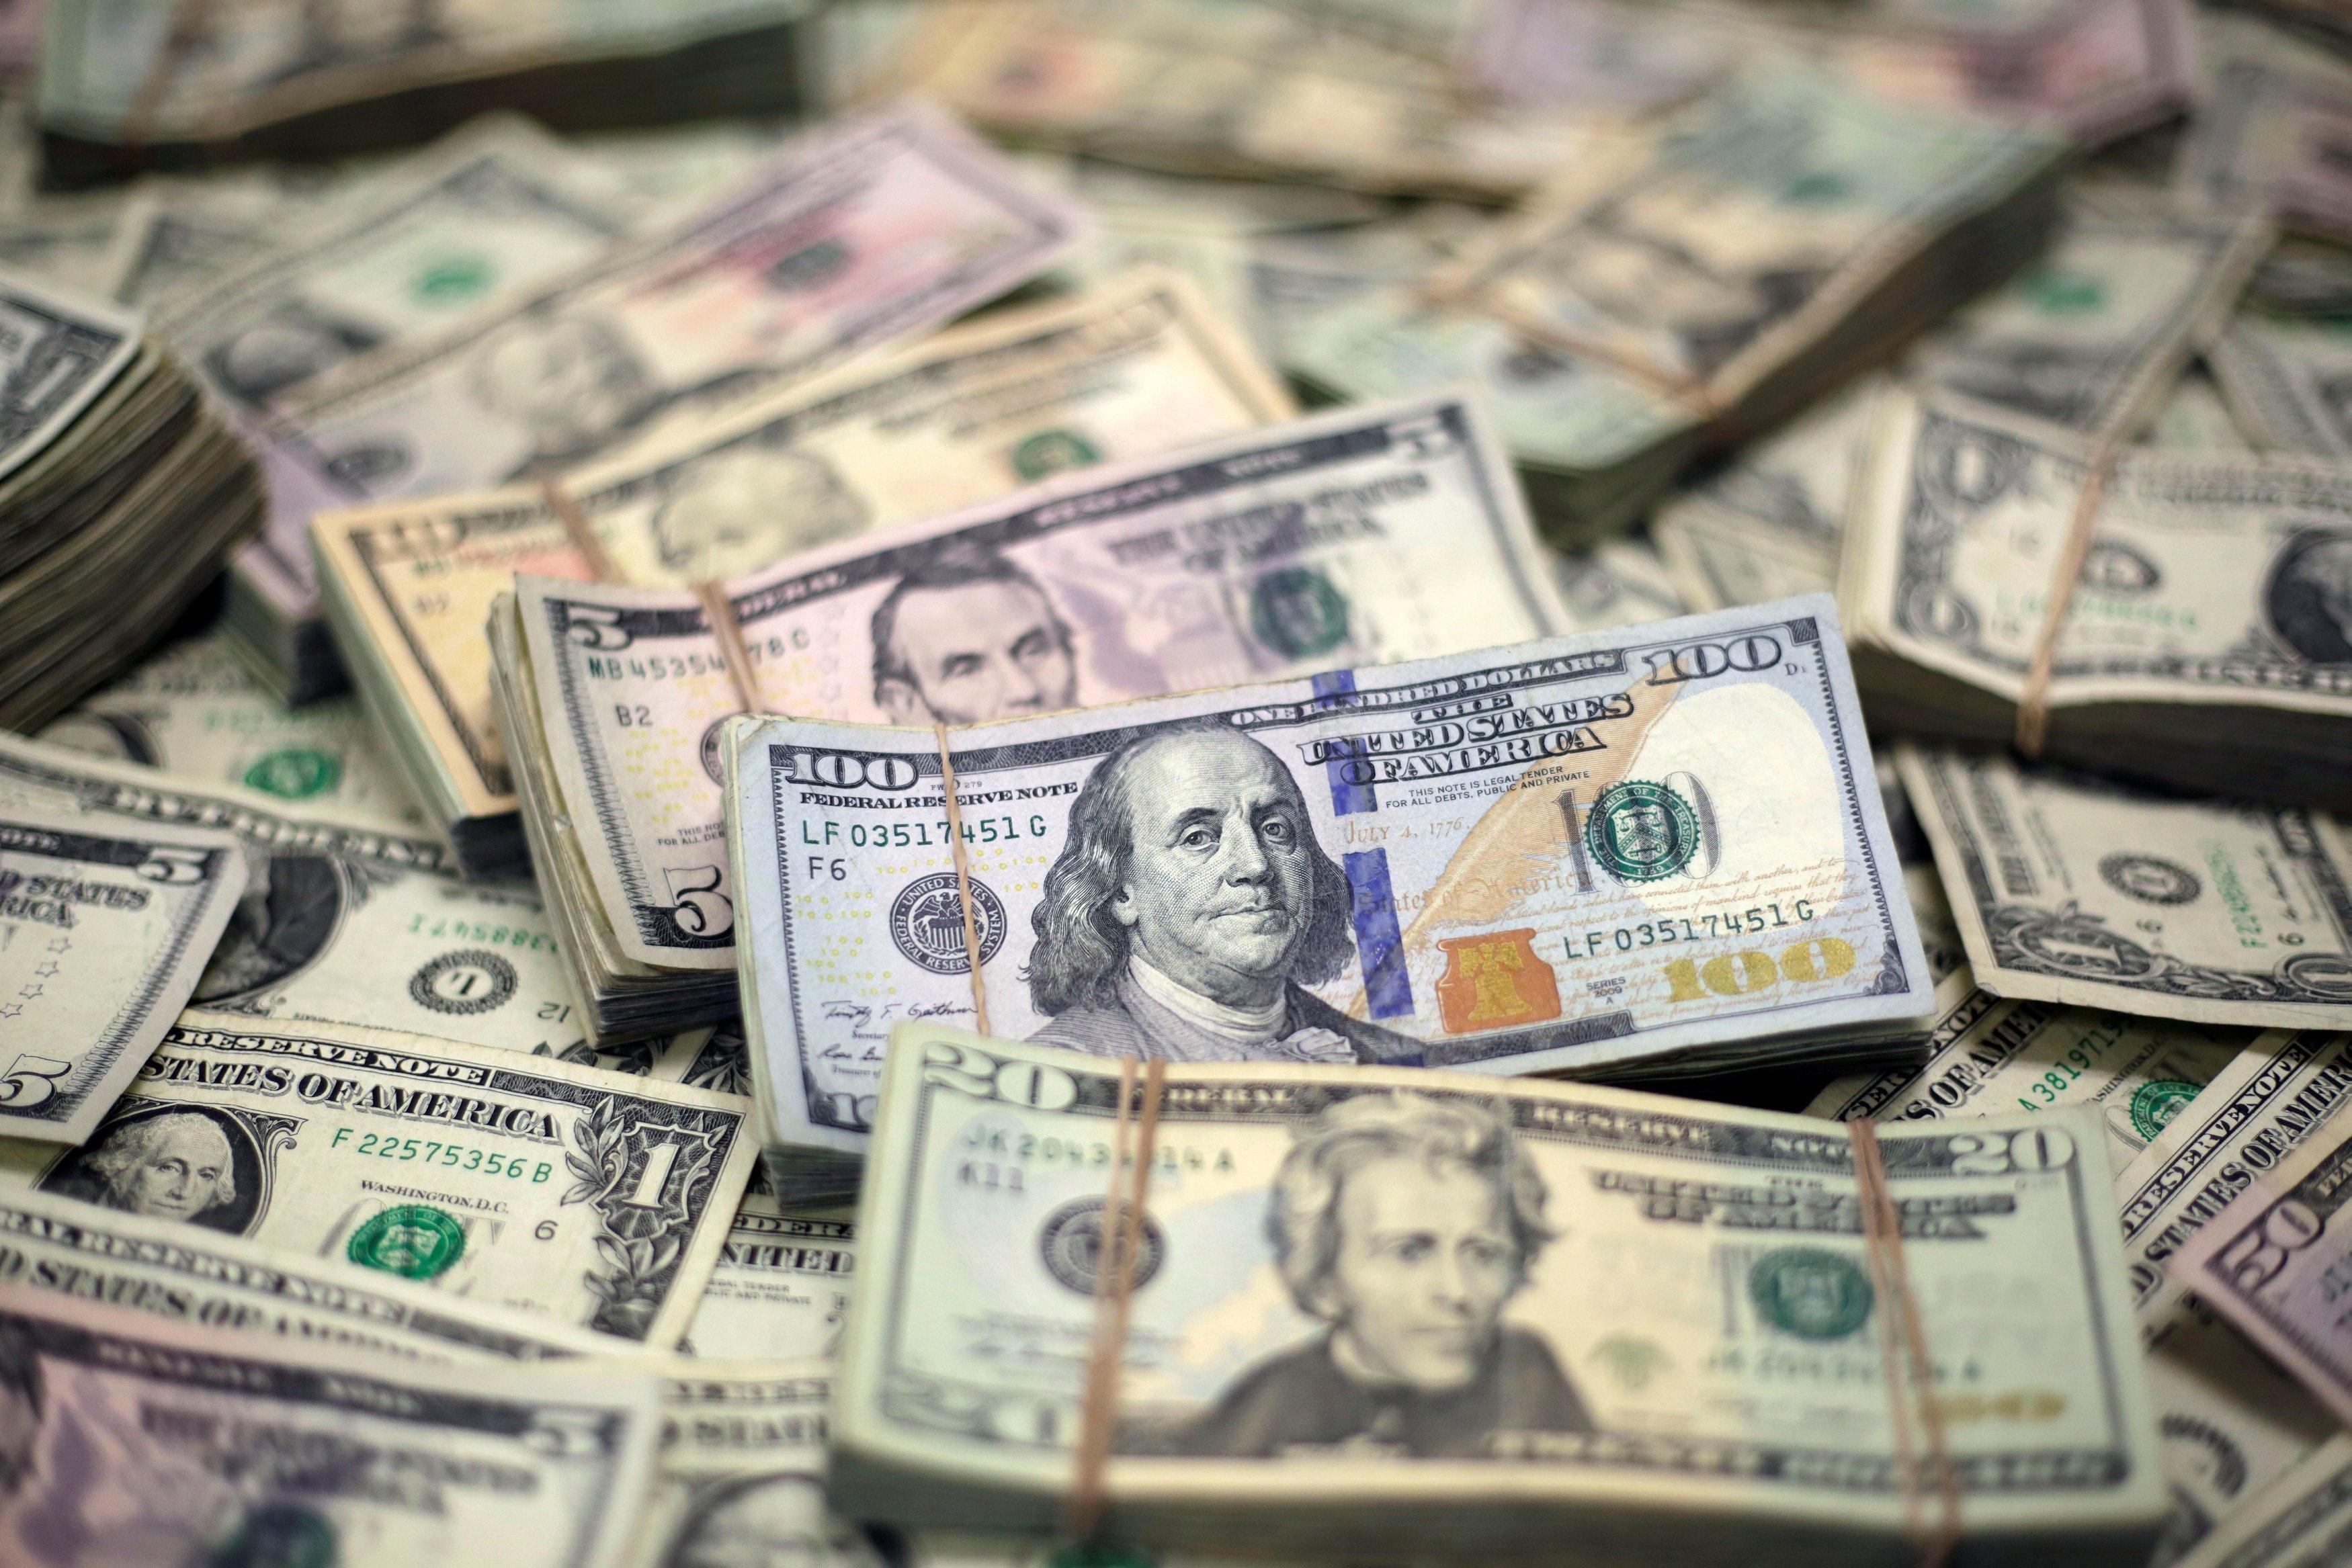 الدولار يرتفع واليورو يتراجع قبيل اجتماع للمركزي الأوروبي